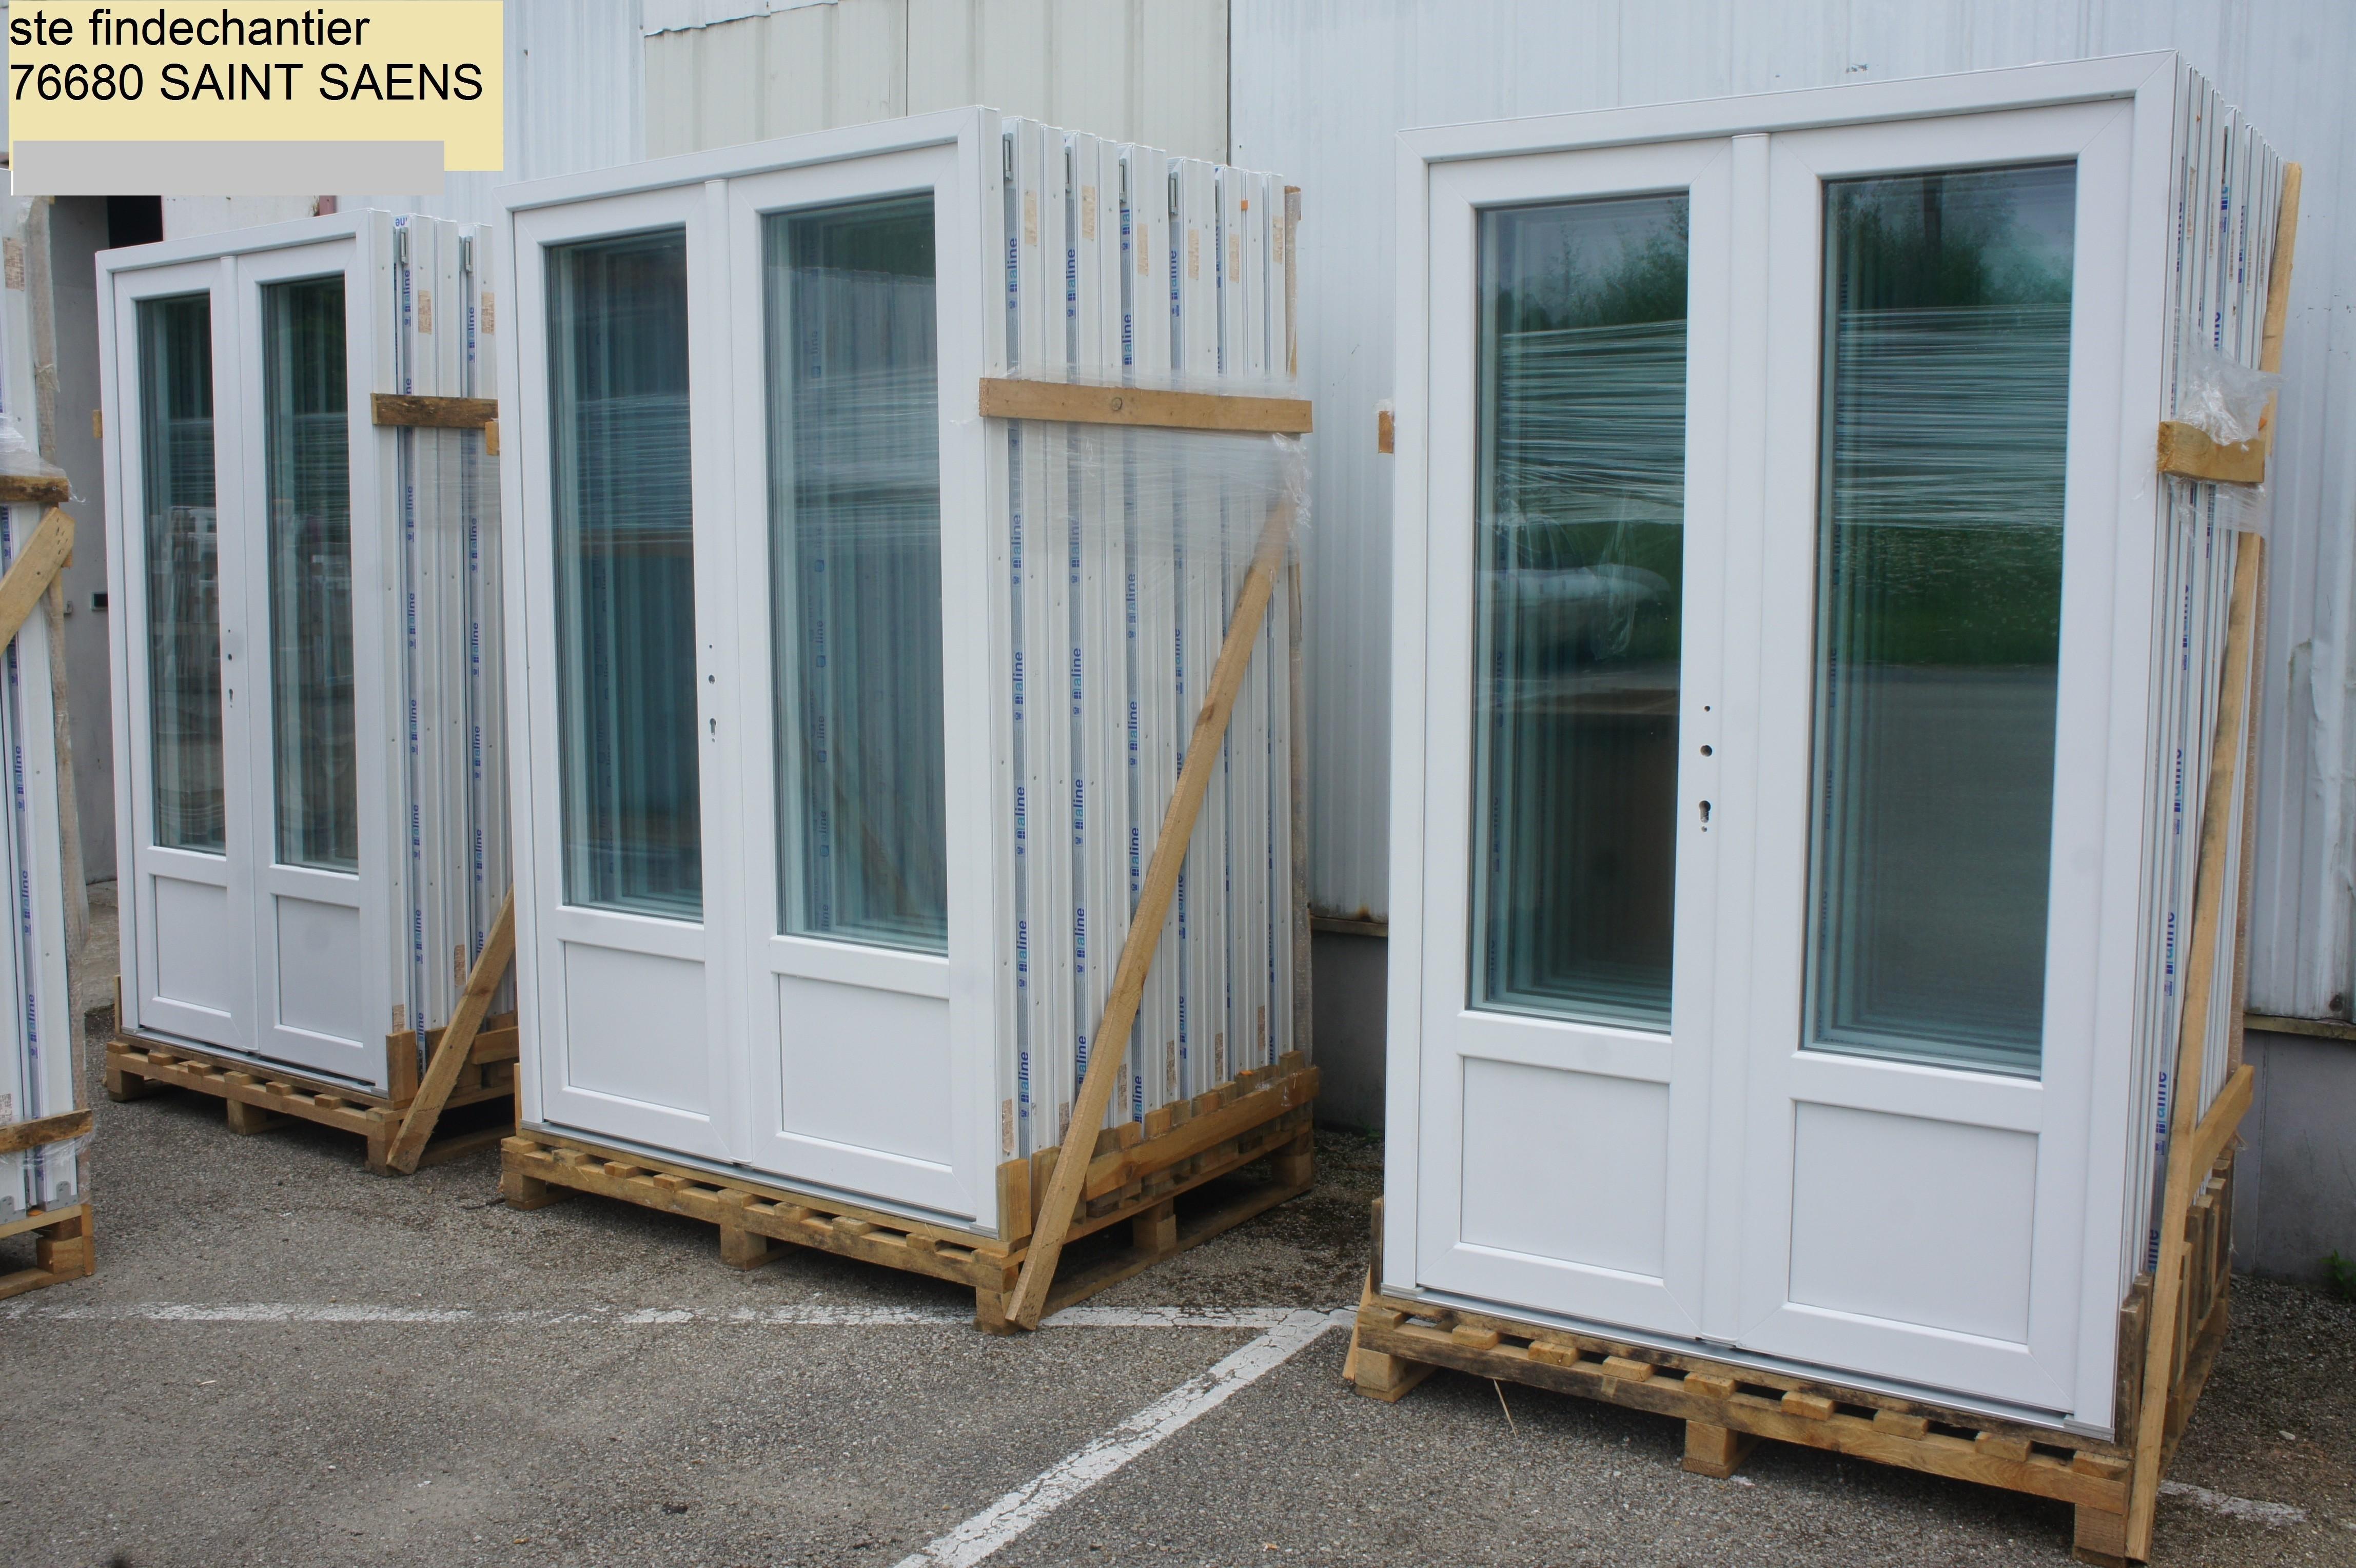 Fen tres d stockage portes volets et menuiseries en pvc - Destockage porte interieur ...